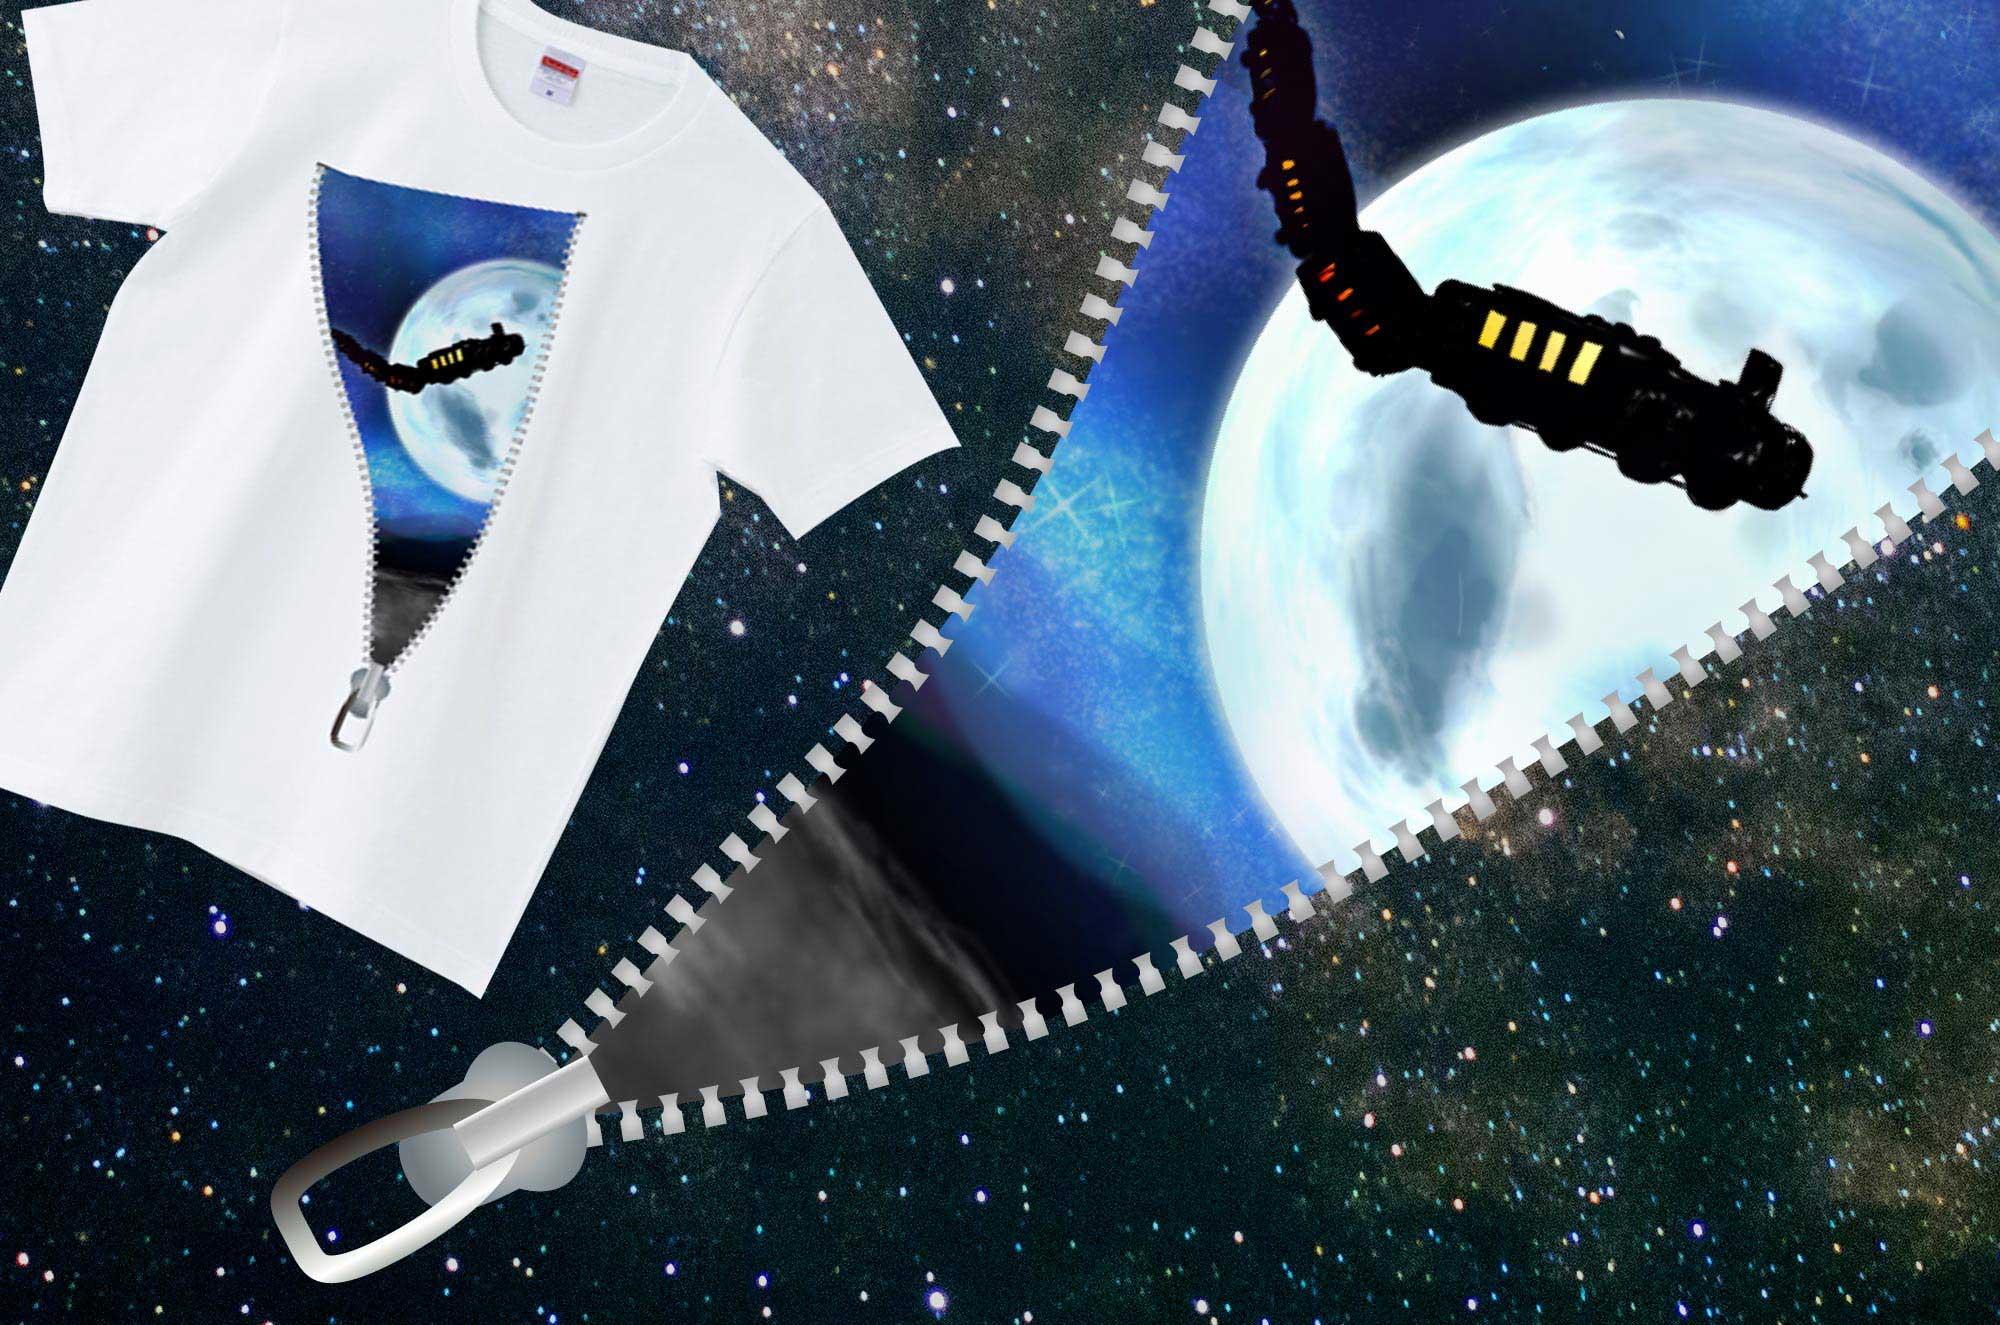 アート宇宙Tシャツ - ジッパーとファンタジーデザイン